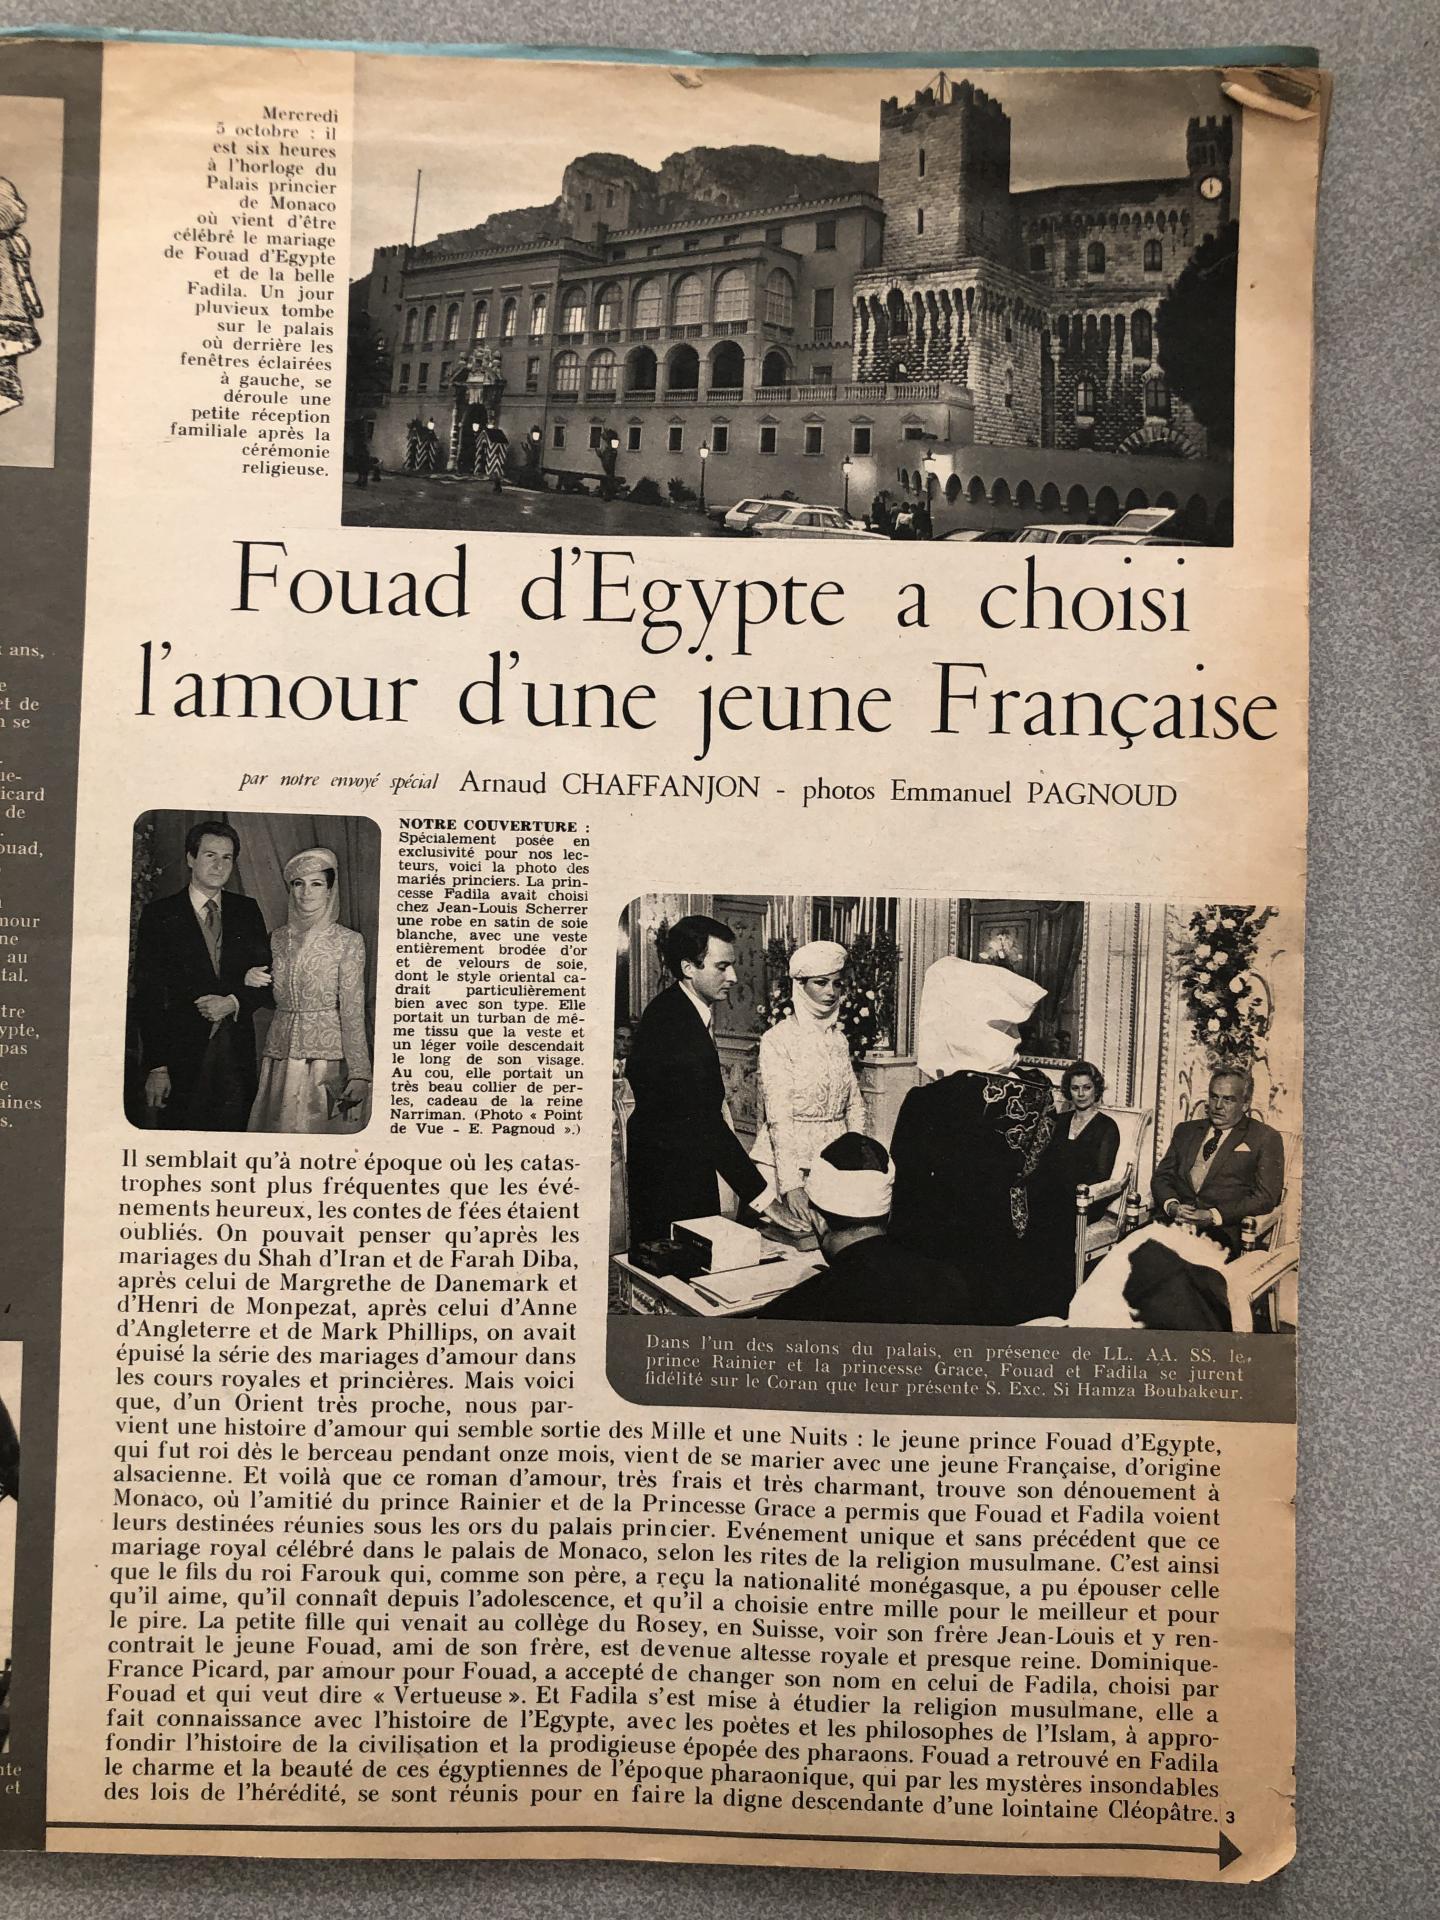 En 1977, le magazine Point de vue consacre un article de plusieurs pages au mariage de Fouad Farouk au Palais princier.